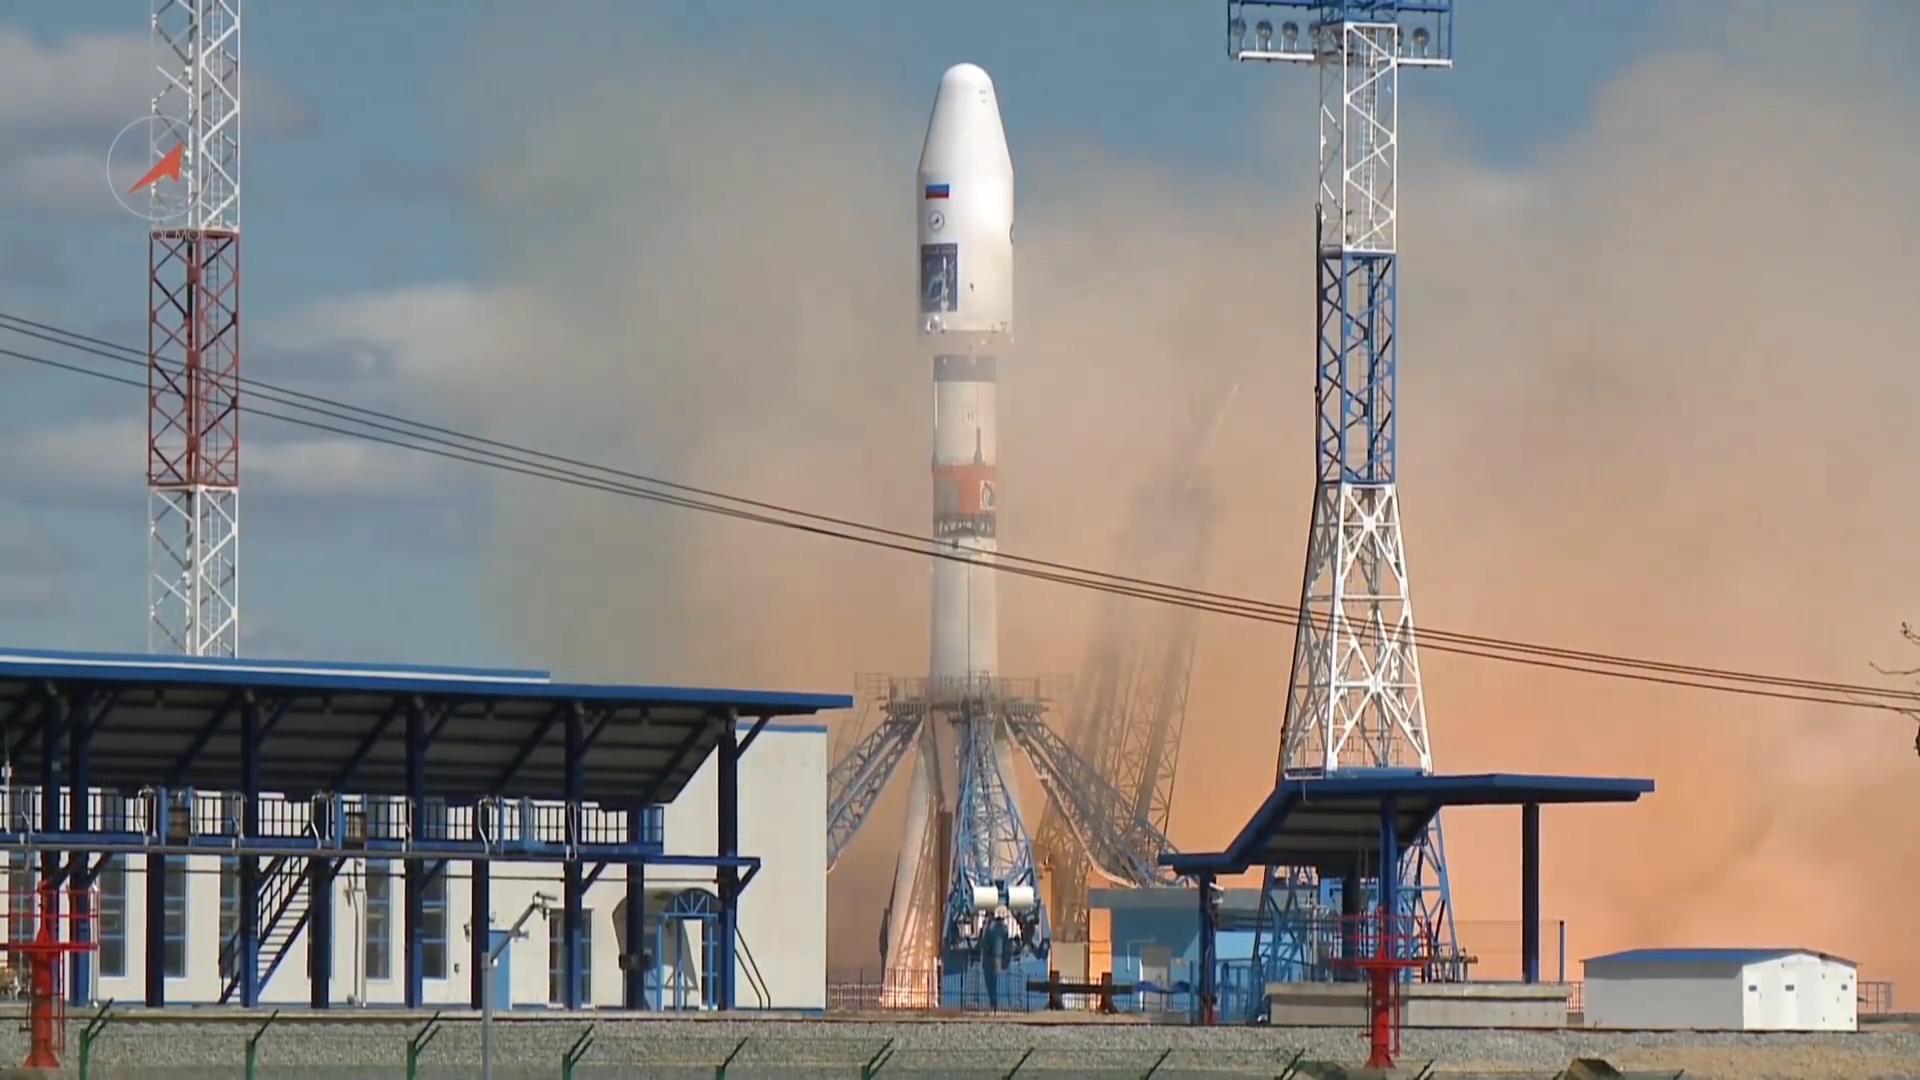 Vostoçnıy uzay üssünden ilk roket fırlatıldı 10